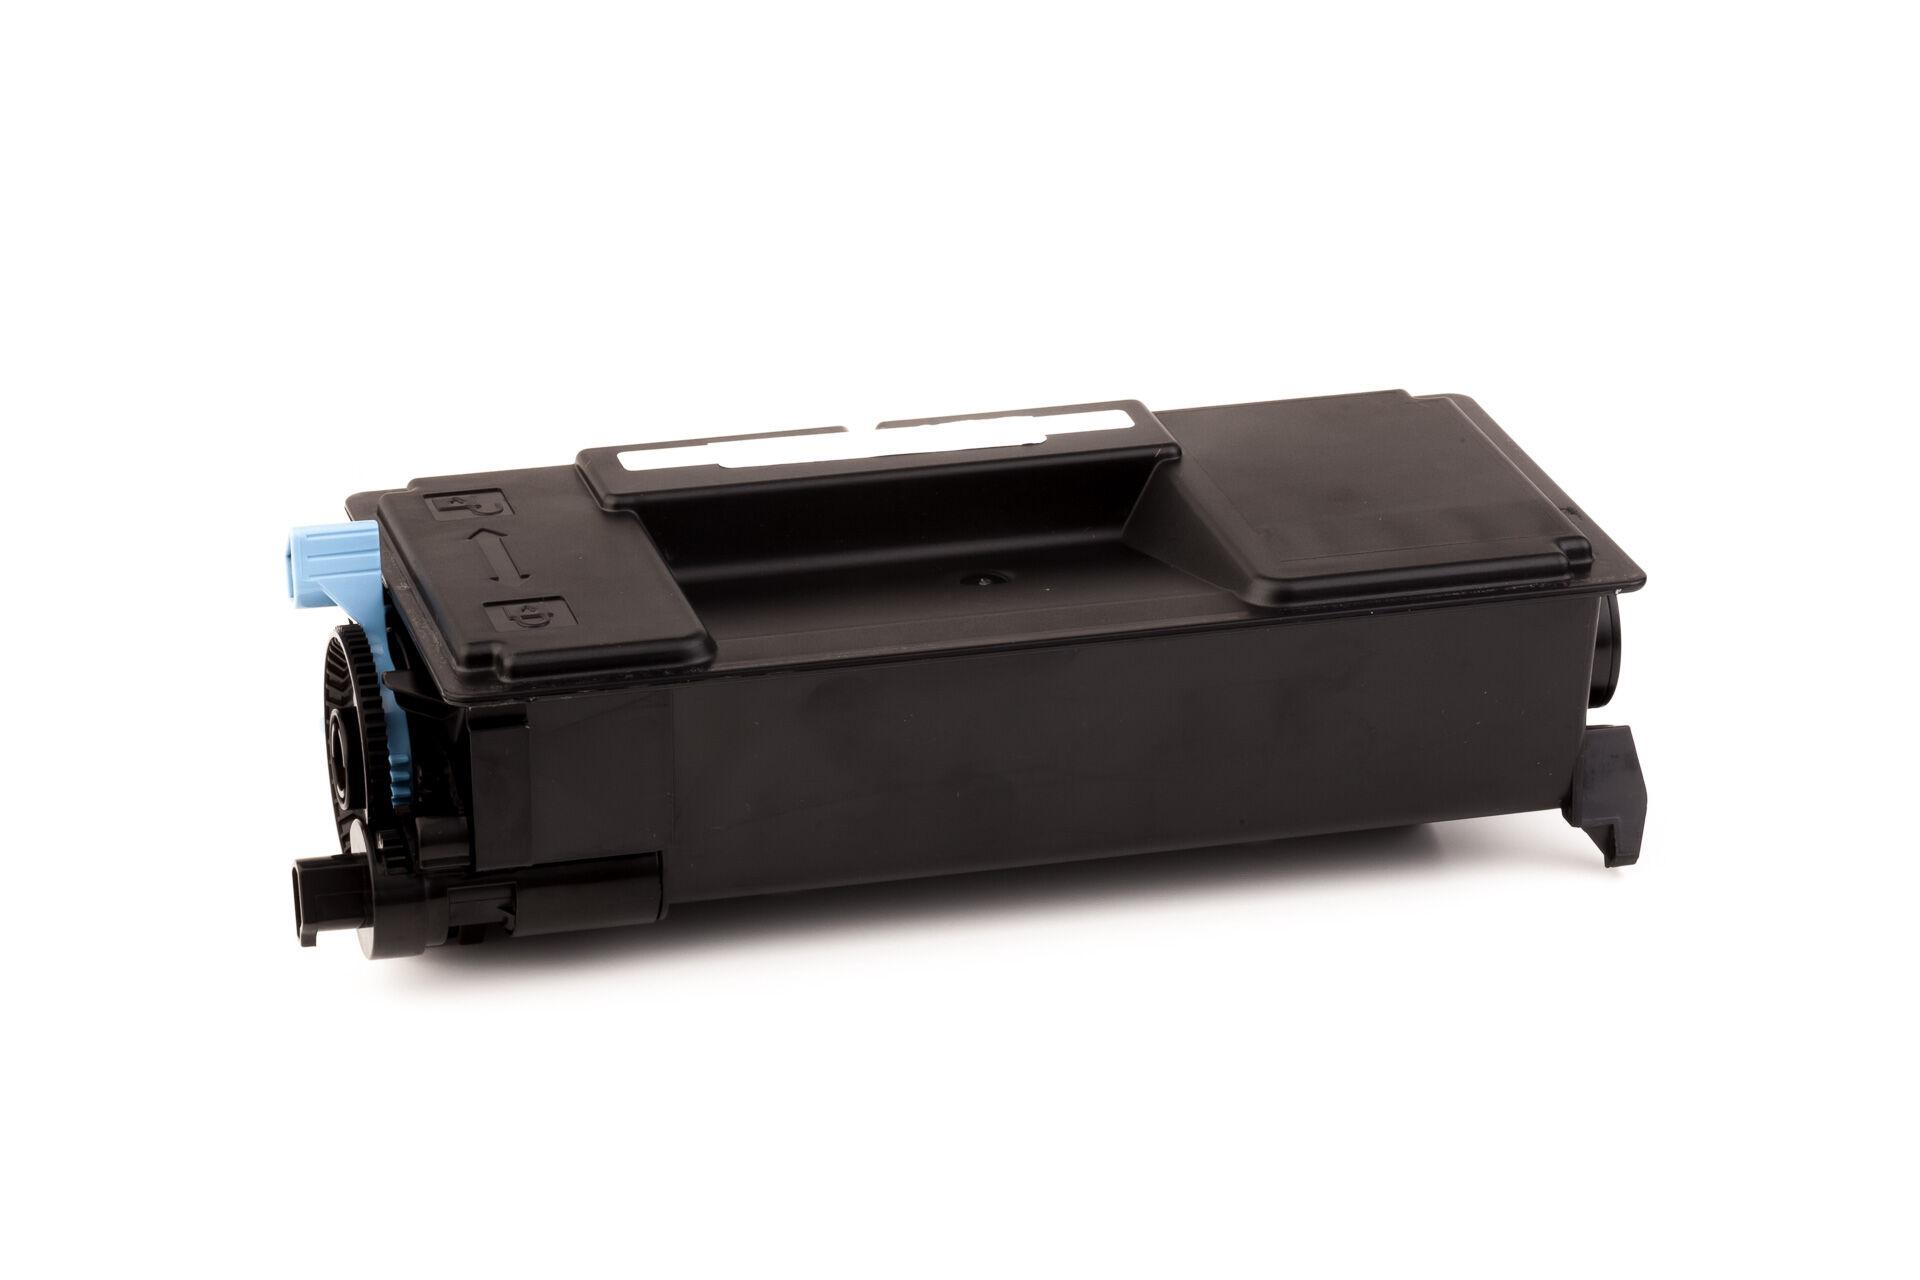 Kyocera Cartouche de Toner pour Kyocera 1T02MS0NL0 / TK-3100 noir compatible (de marque ASC)